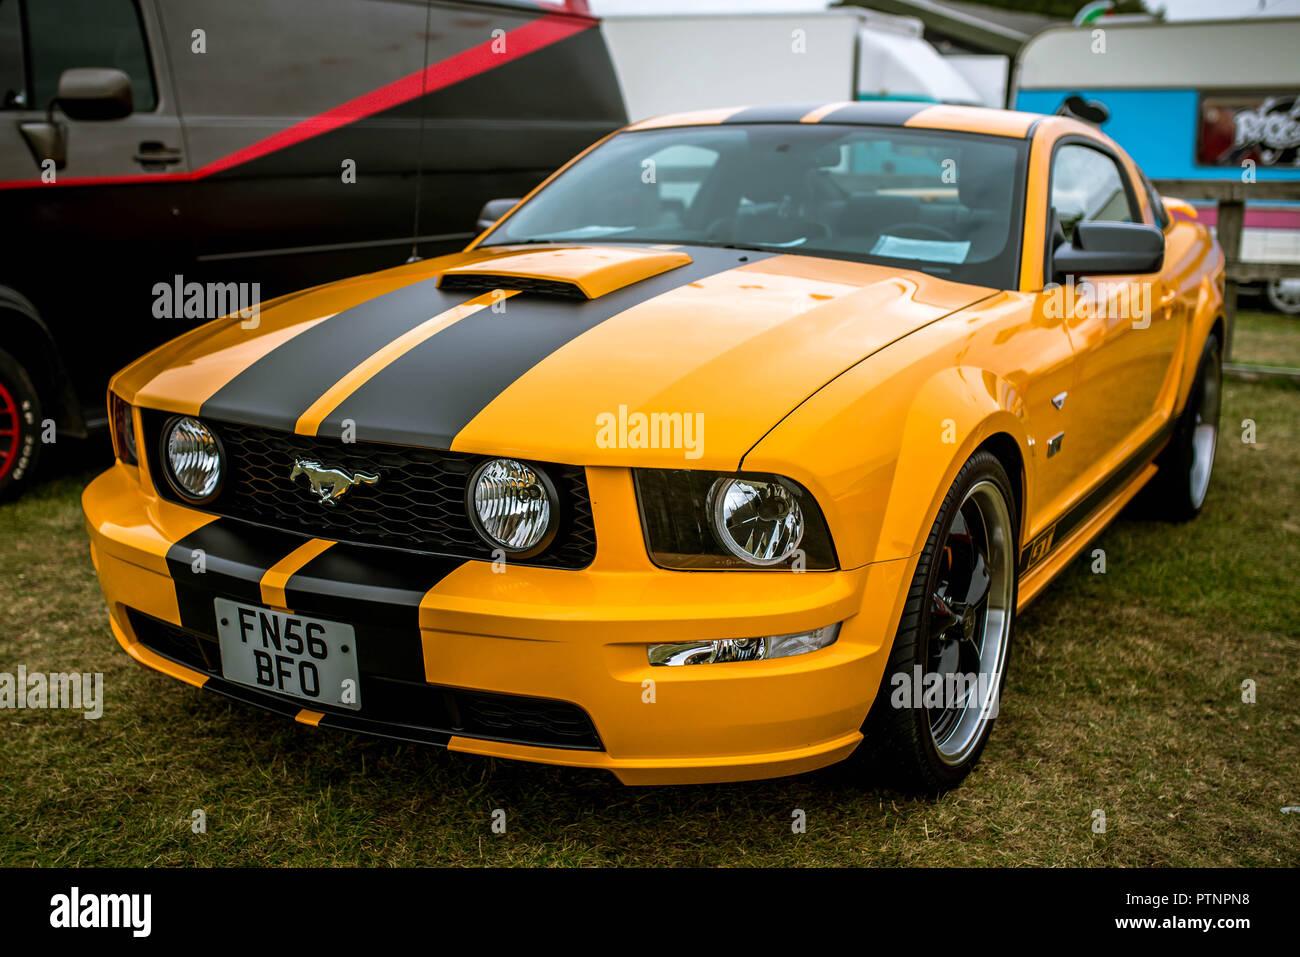 Ford Mustang at Stonham Barns American Car Show 2018 Stock Photo